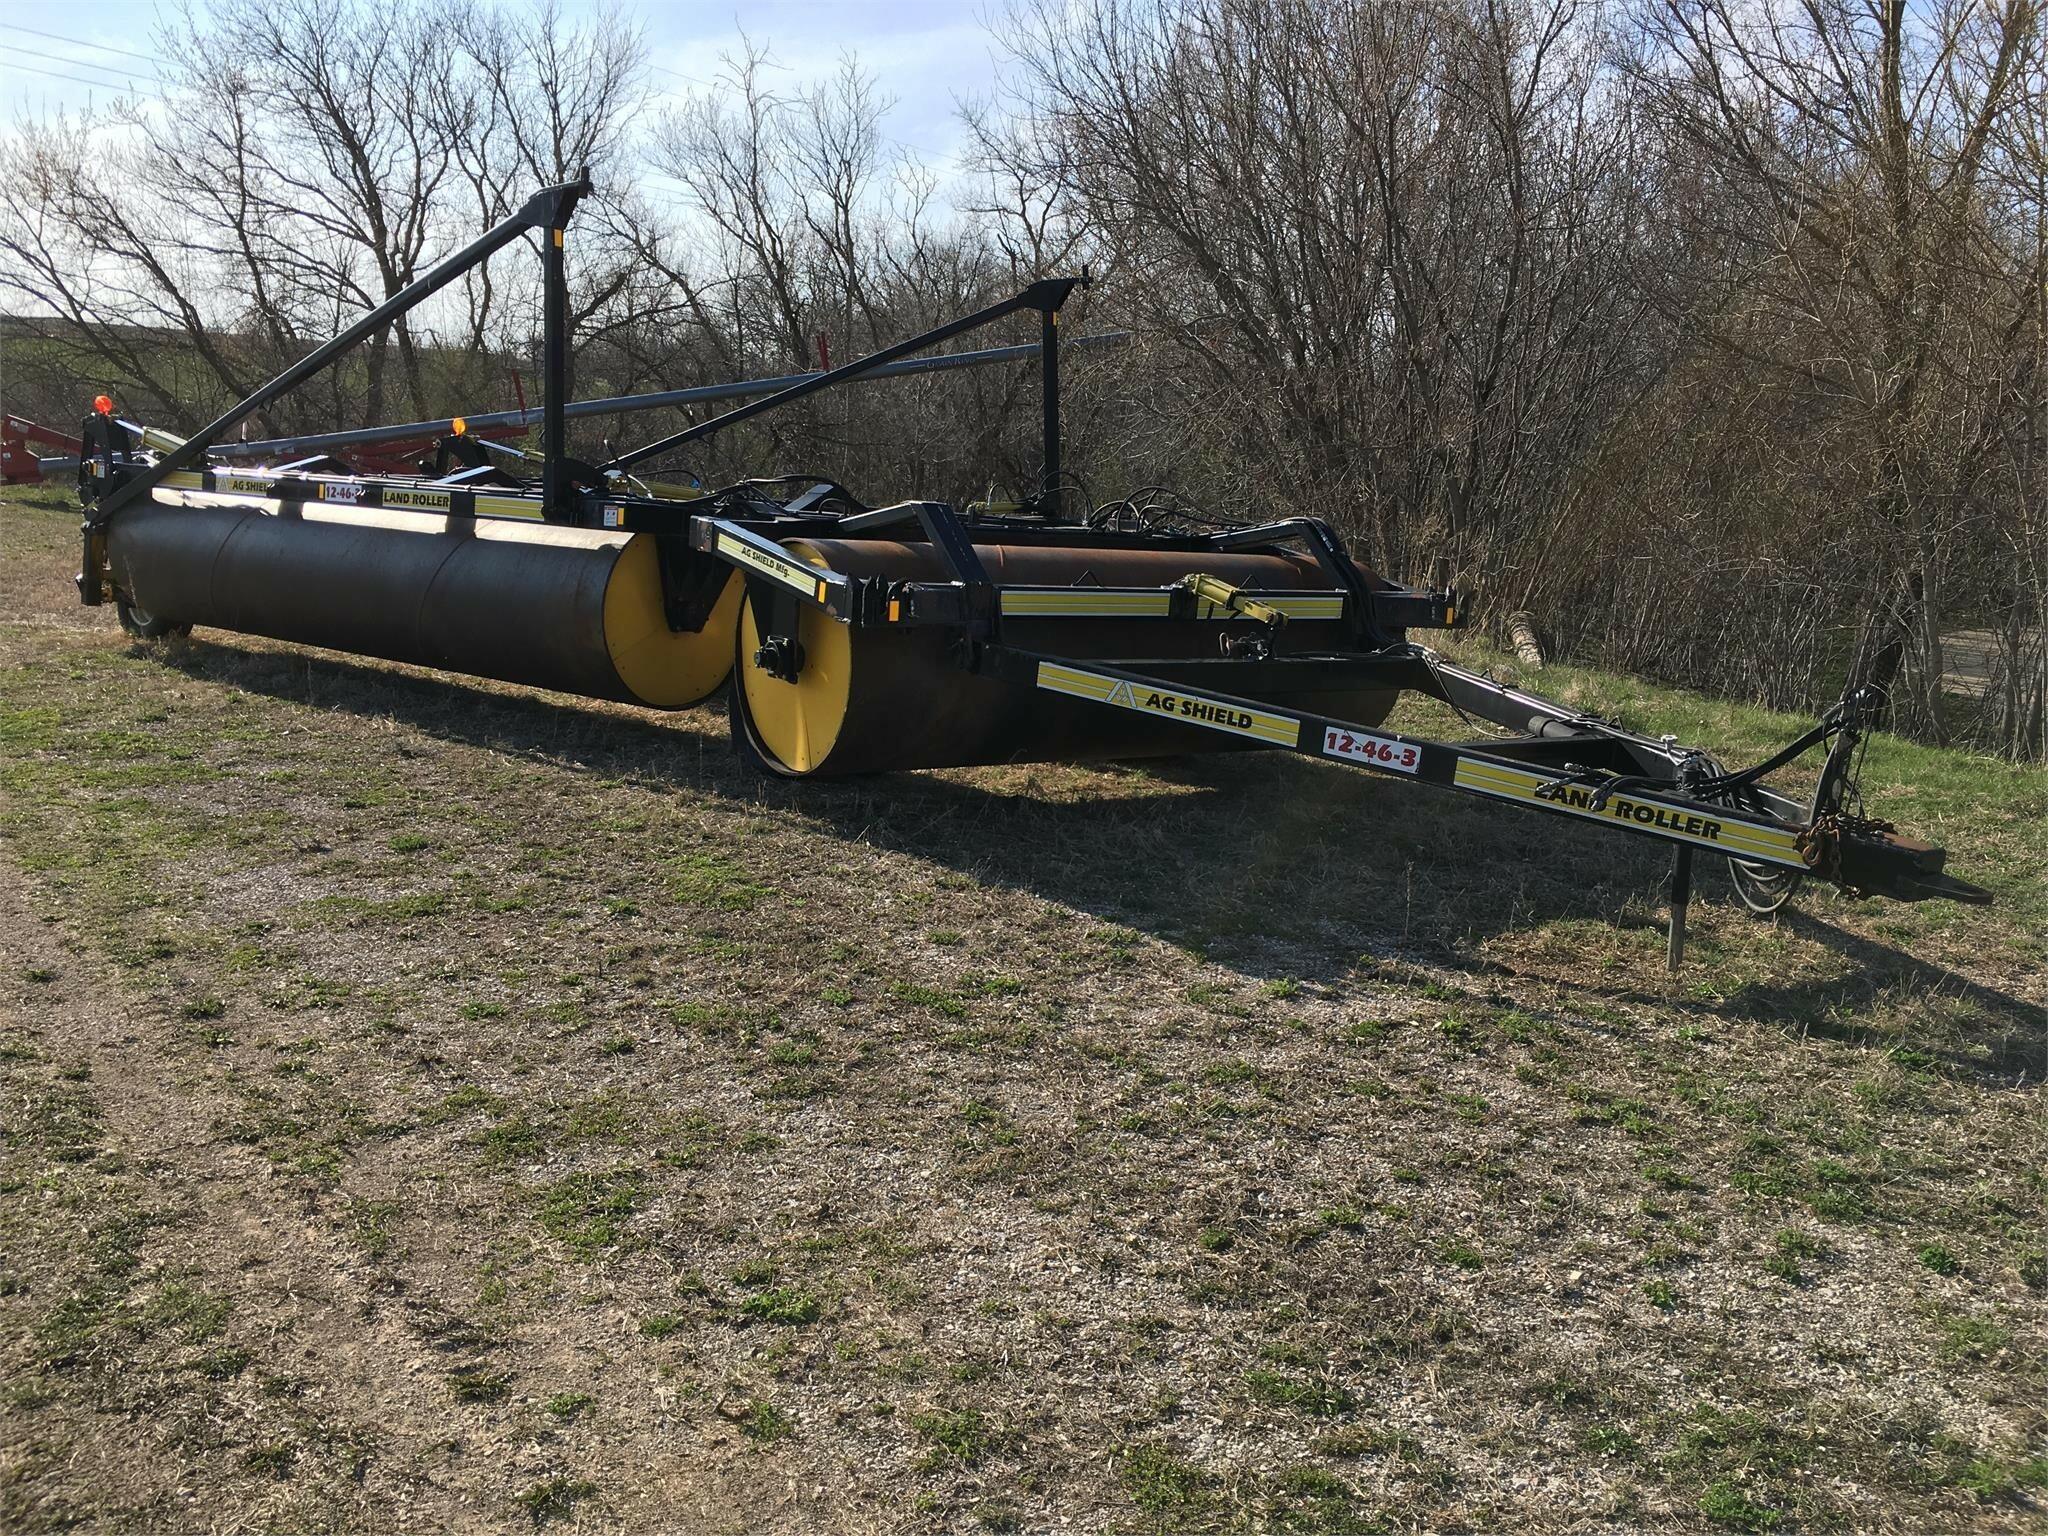 Ag Shield LANDROLLER 12-46-3 Land Roller